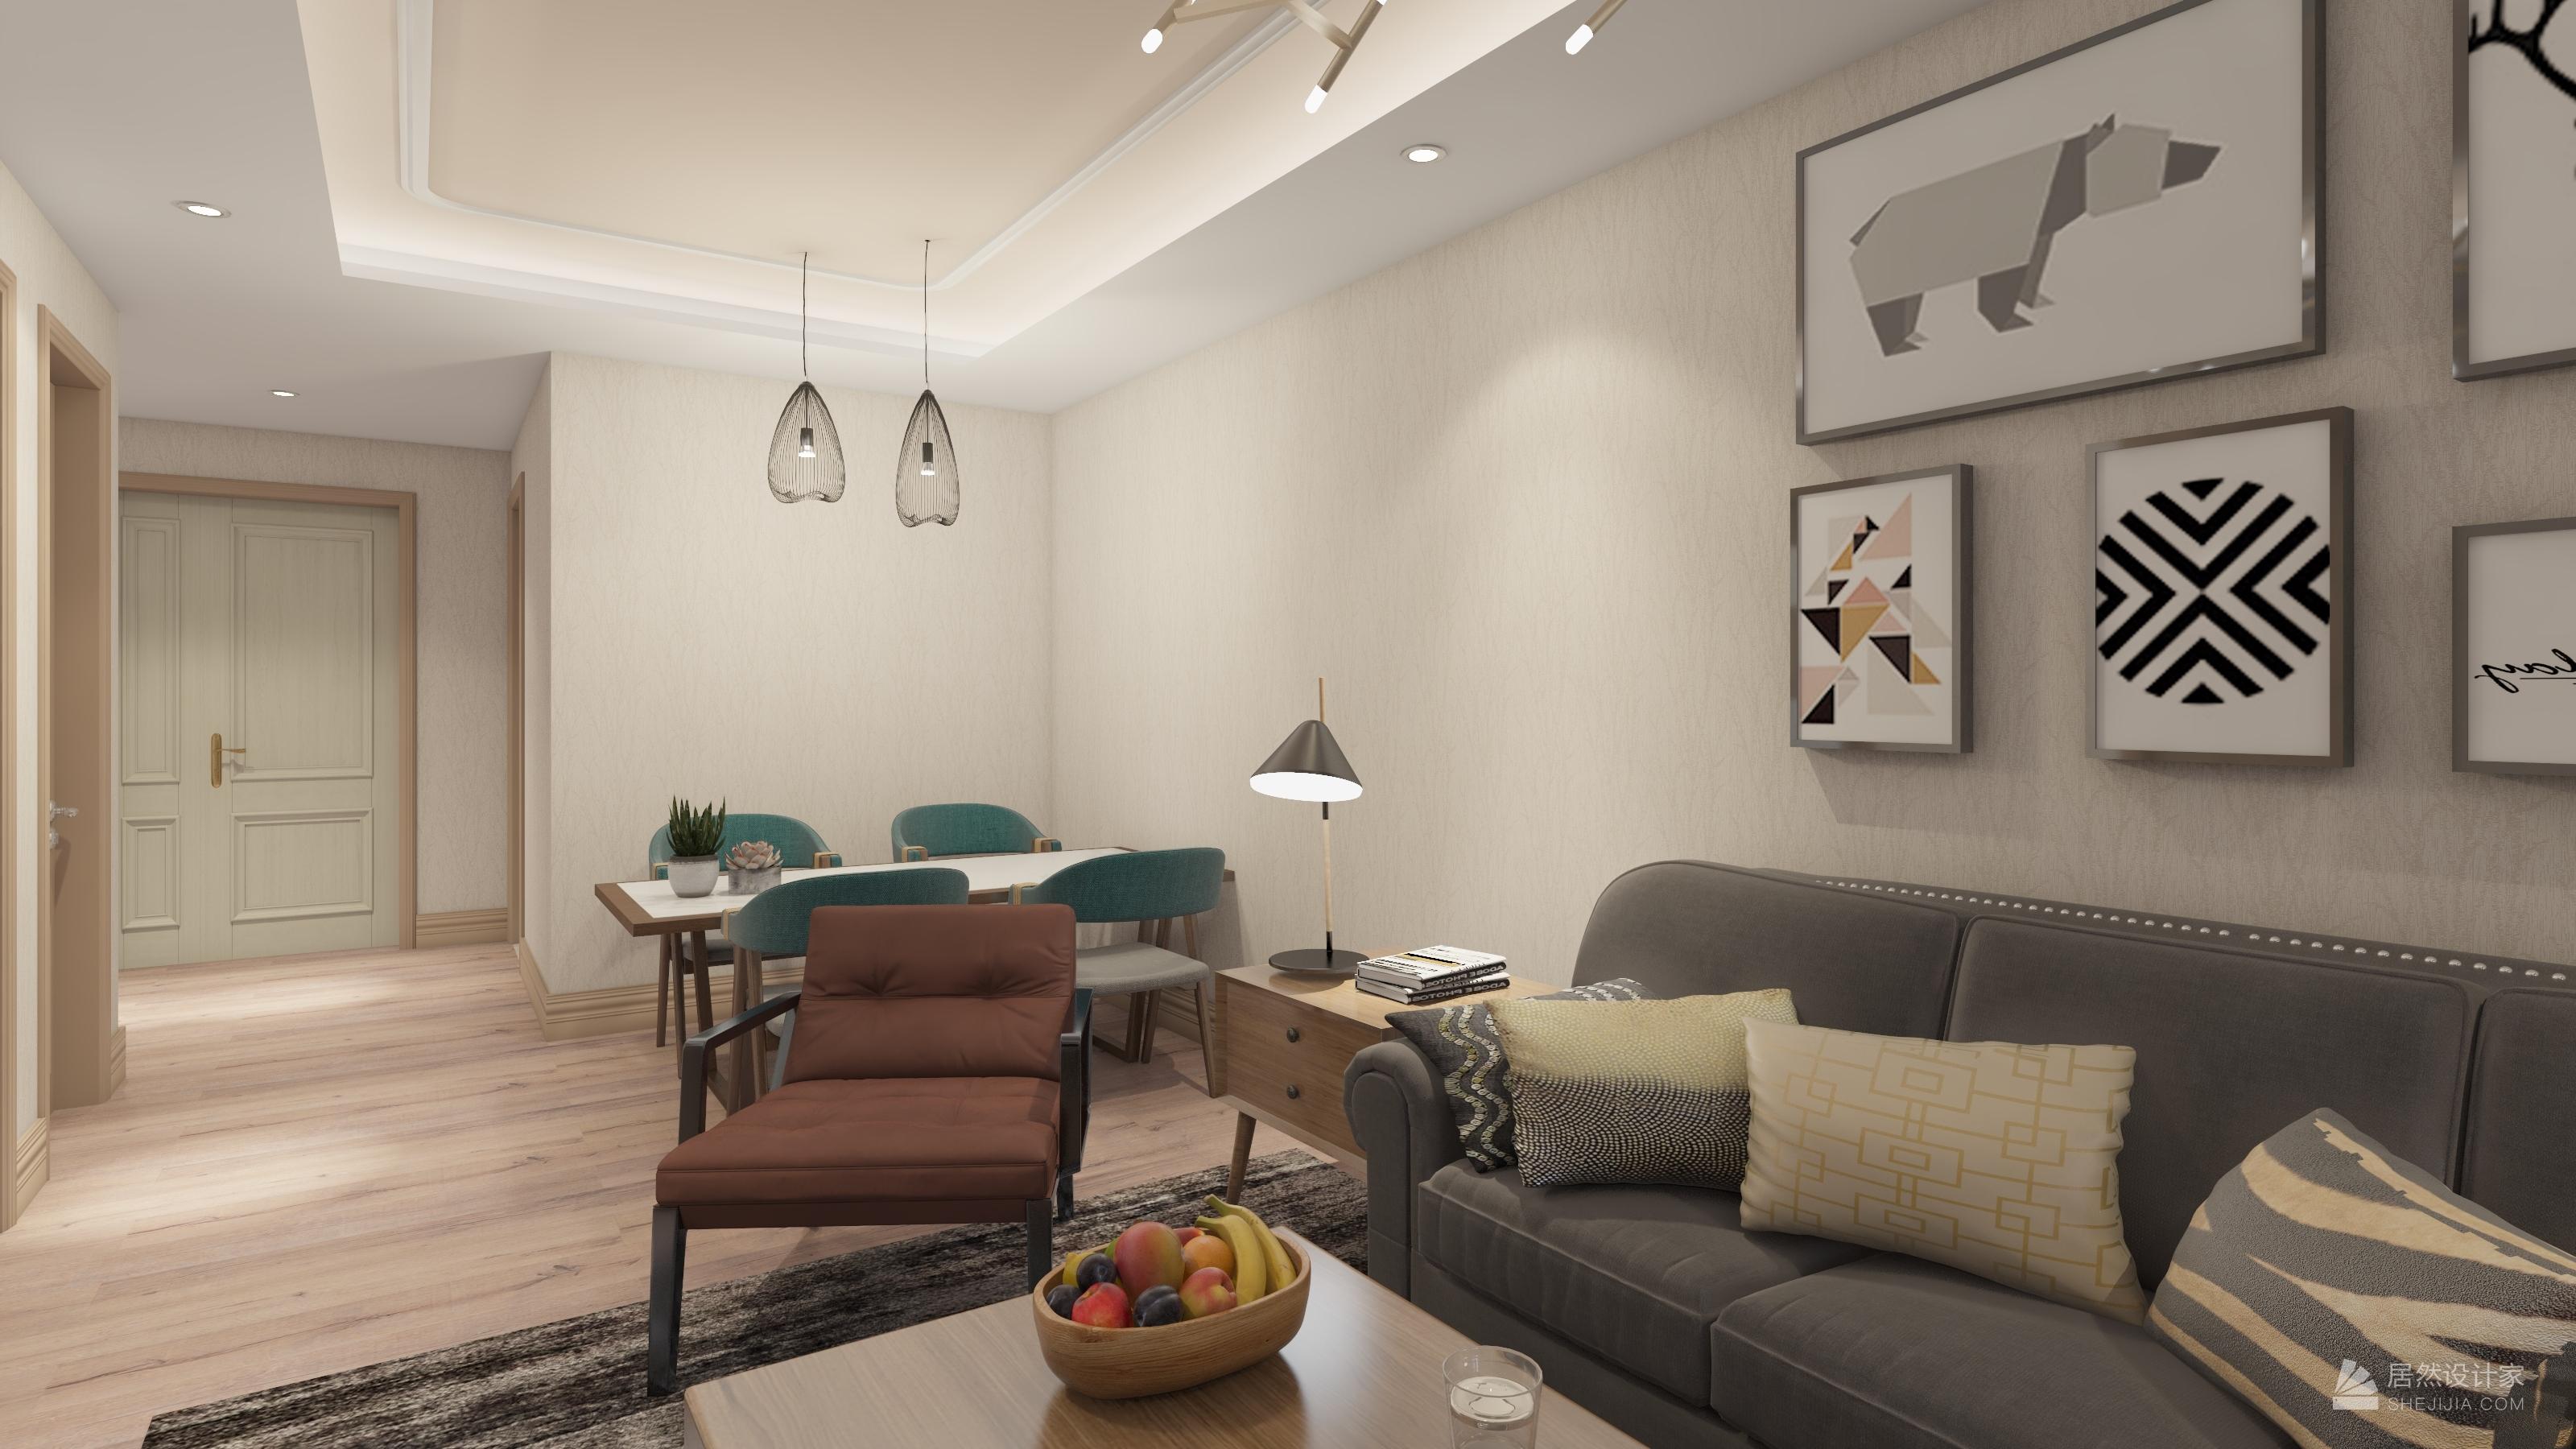 炫和-居然設計家-室內設計_家裝設計師案例_室內裝修